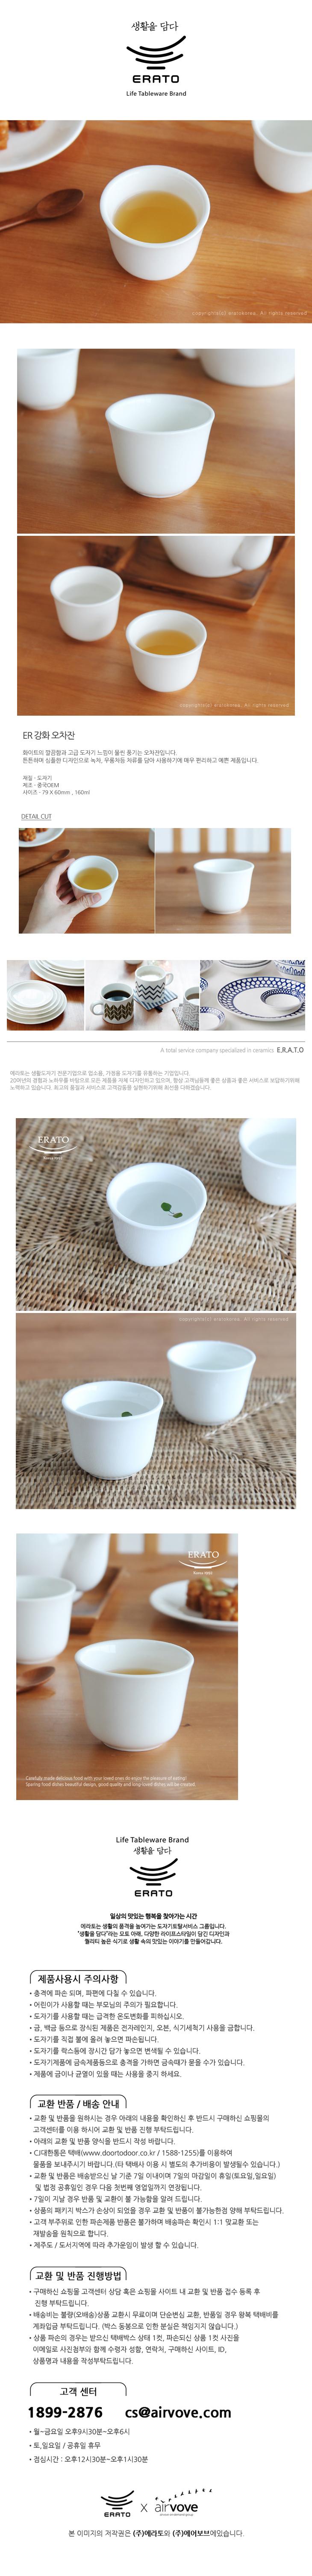 에라토 강화 오차잔(컵) B-1000 - 에라토, 1,900원, 머그컵, 일러스트머그